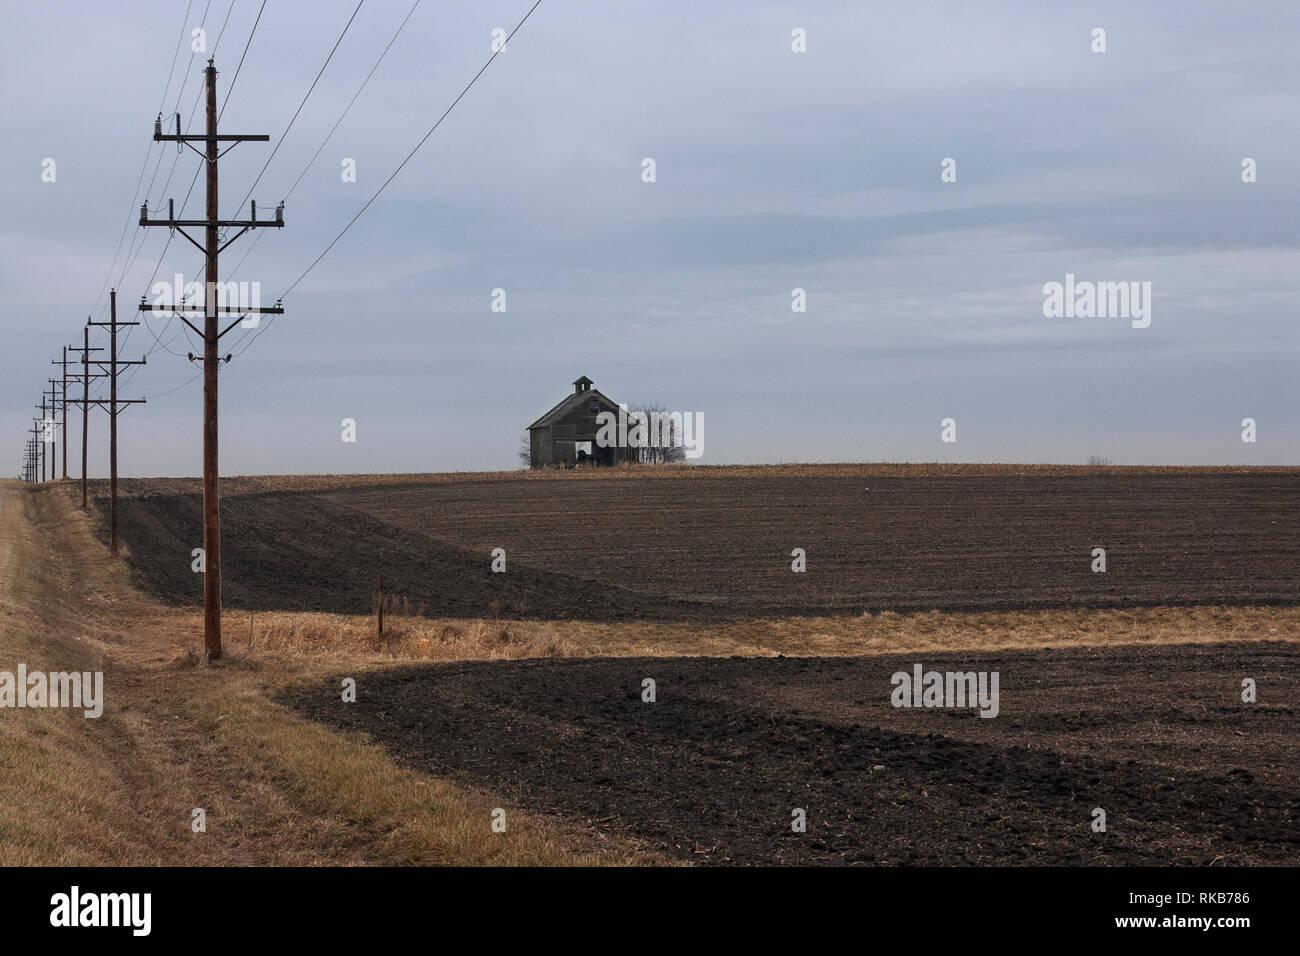 In einer kalten, bewölkten Tag im Herbst, Telefonmasten in eine verdorrte Scheune. Th Scheune, die vor kurzem in gepflügten Feldern steht, ist die einzige stru Stockbild